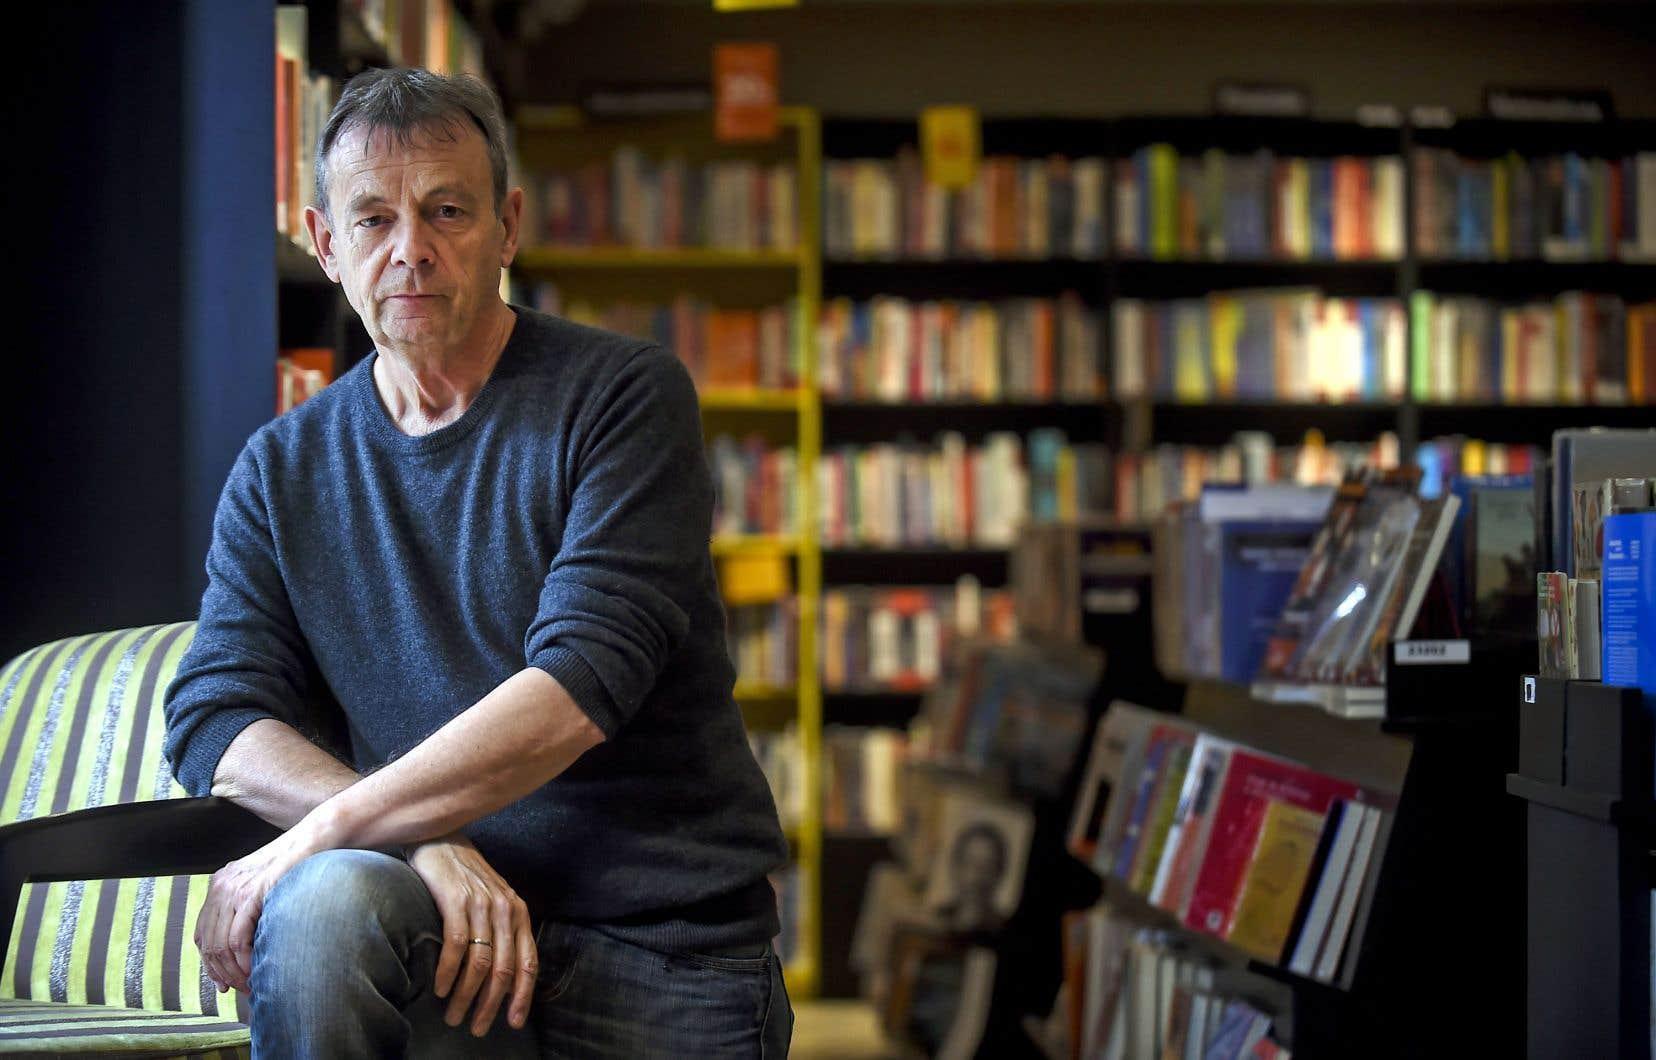 Le livre de Pierre Lemaitre est sans doute le roman le plus attendu de la rentrée française. Ce deuxième volet d'une trilogie consacrée à l'entre-deux-guerres fait suite à «Au revoir là-haut», qui a valu à son auteur le prix Goncourt 2013.